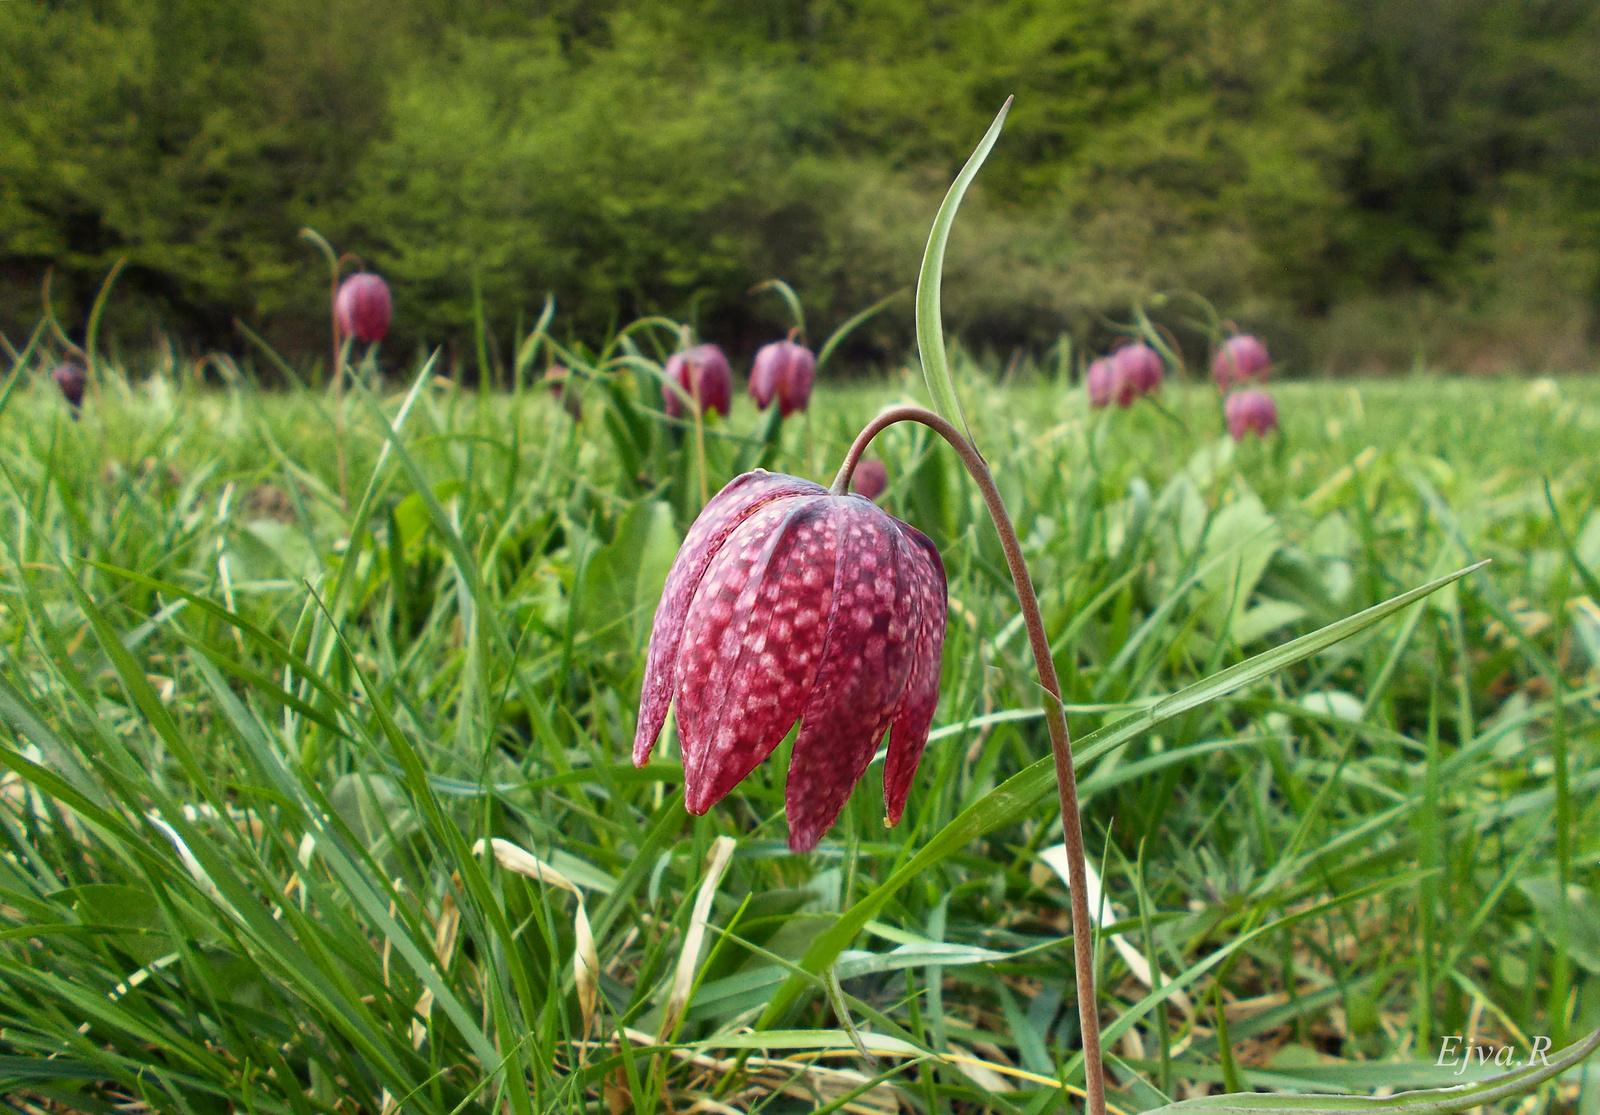 A mocsári kockásliliom vagy kotuliliom (Fritillaria meleagris)